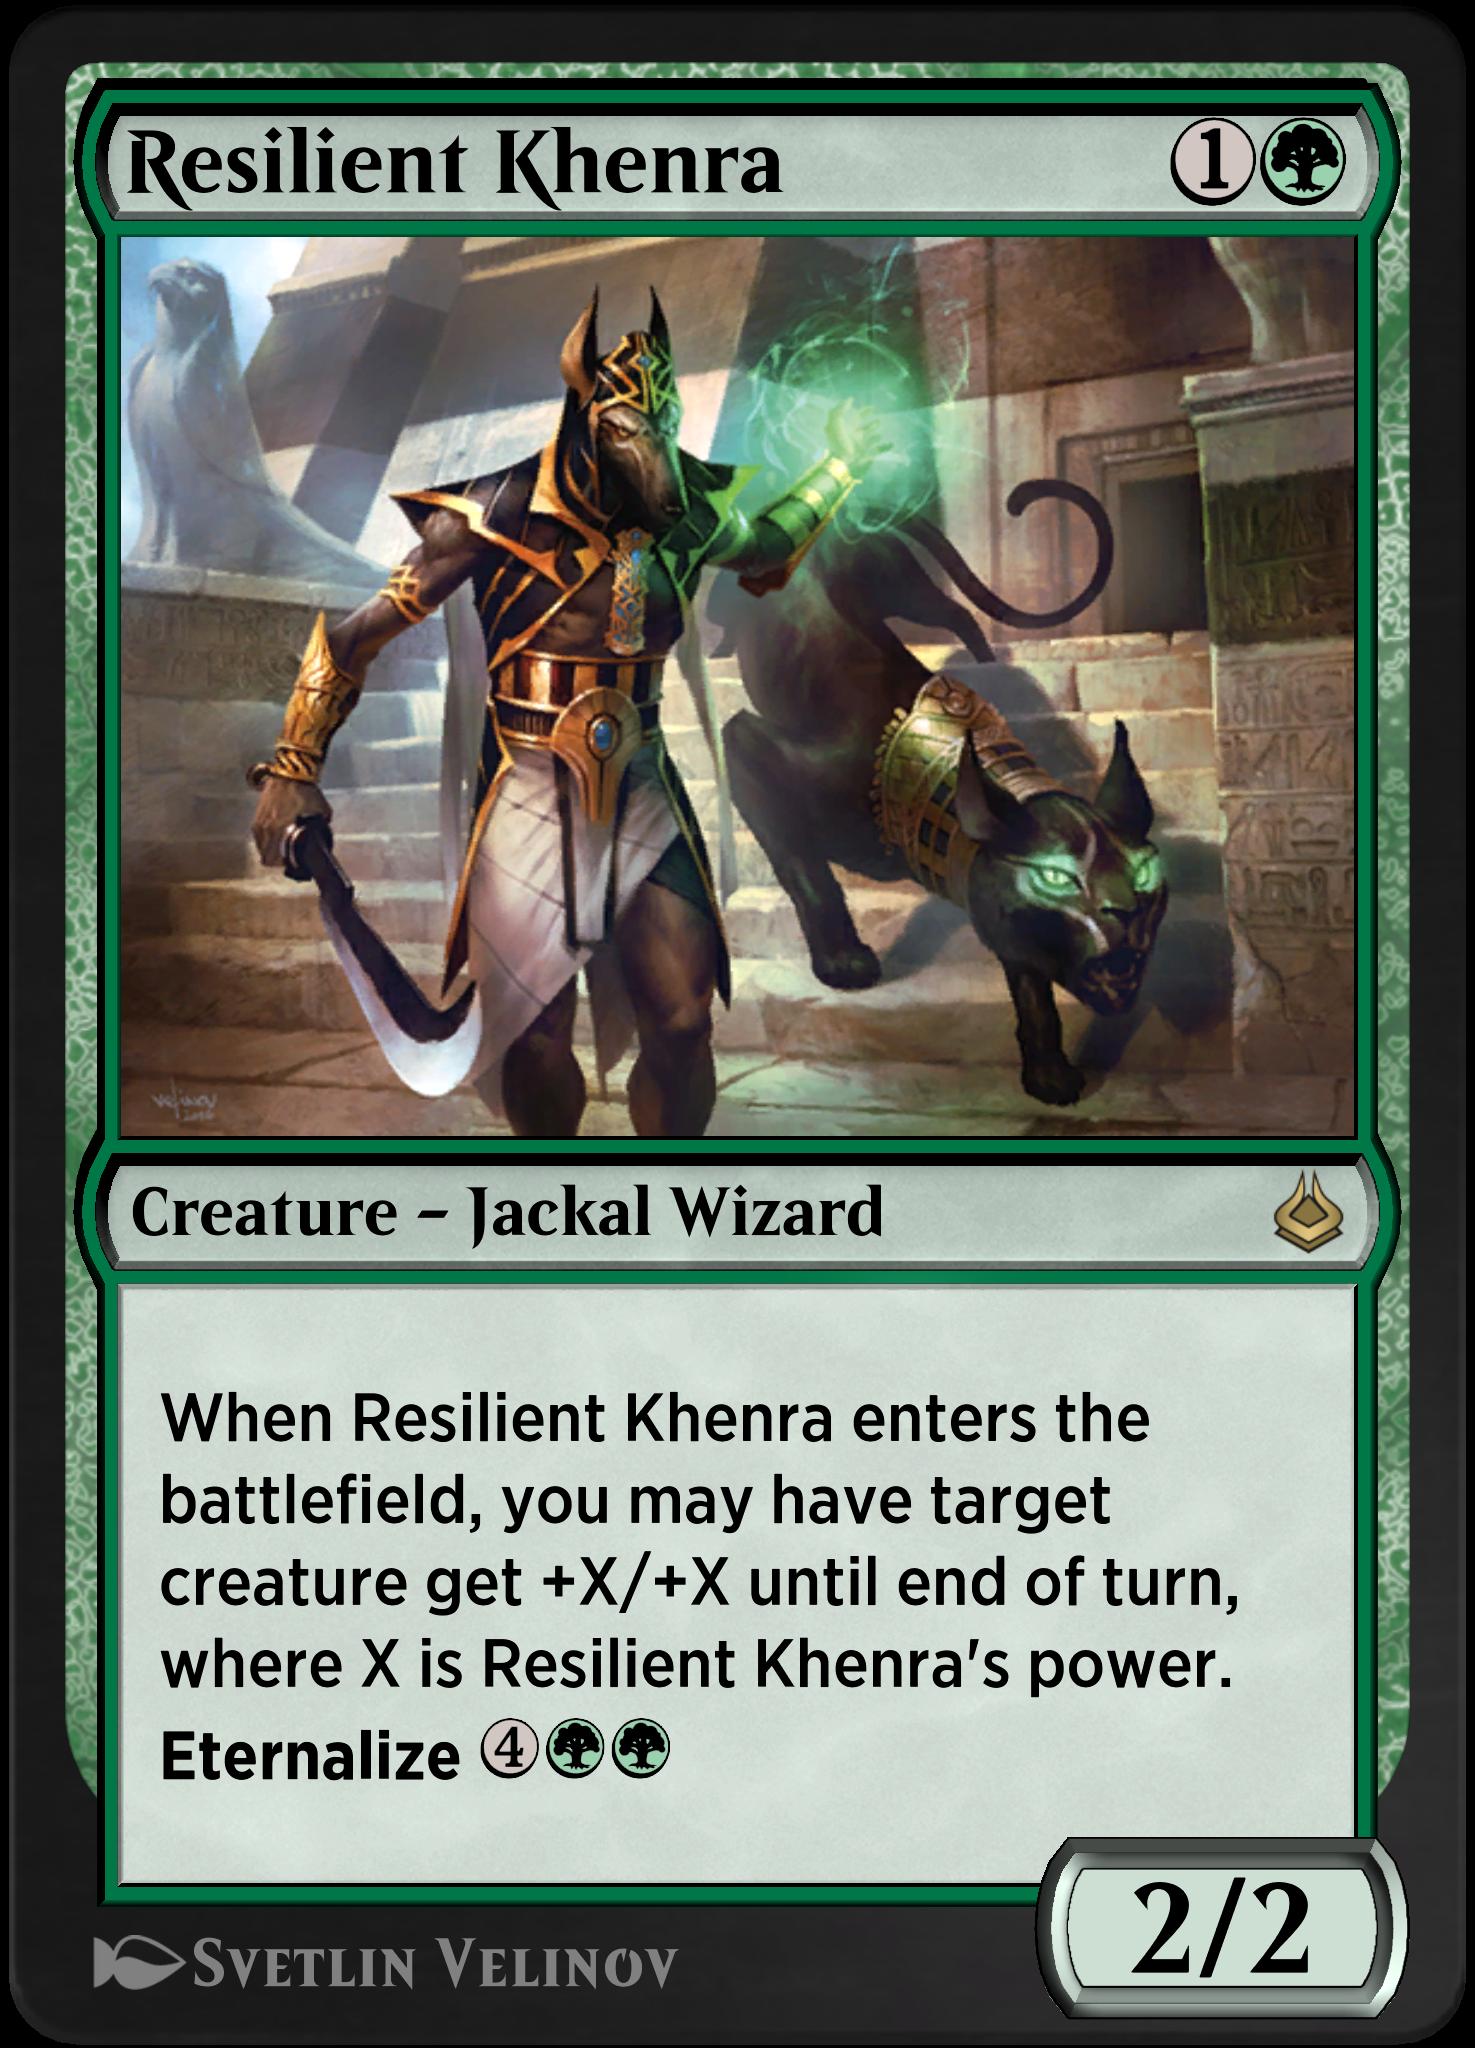 Resilient Khenra